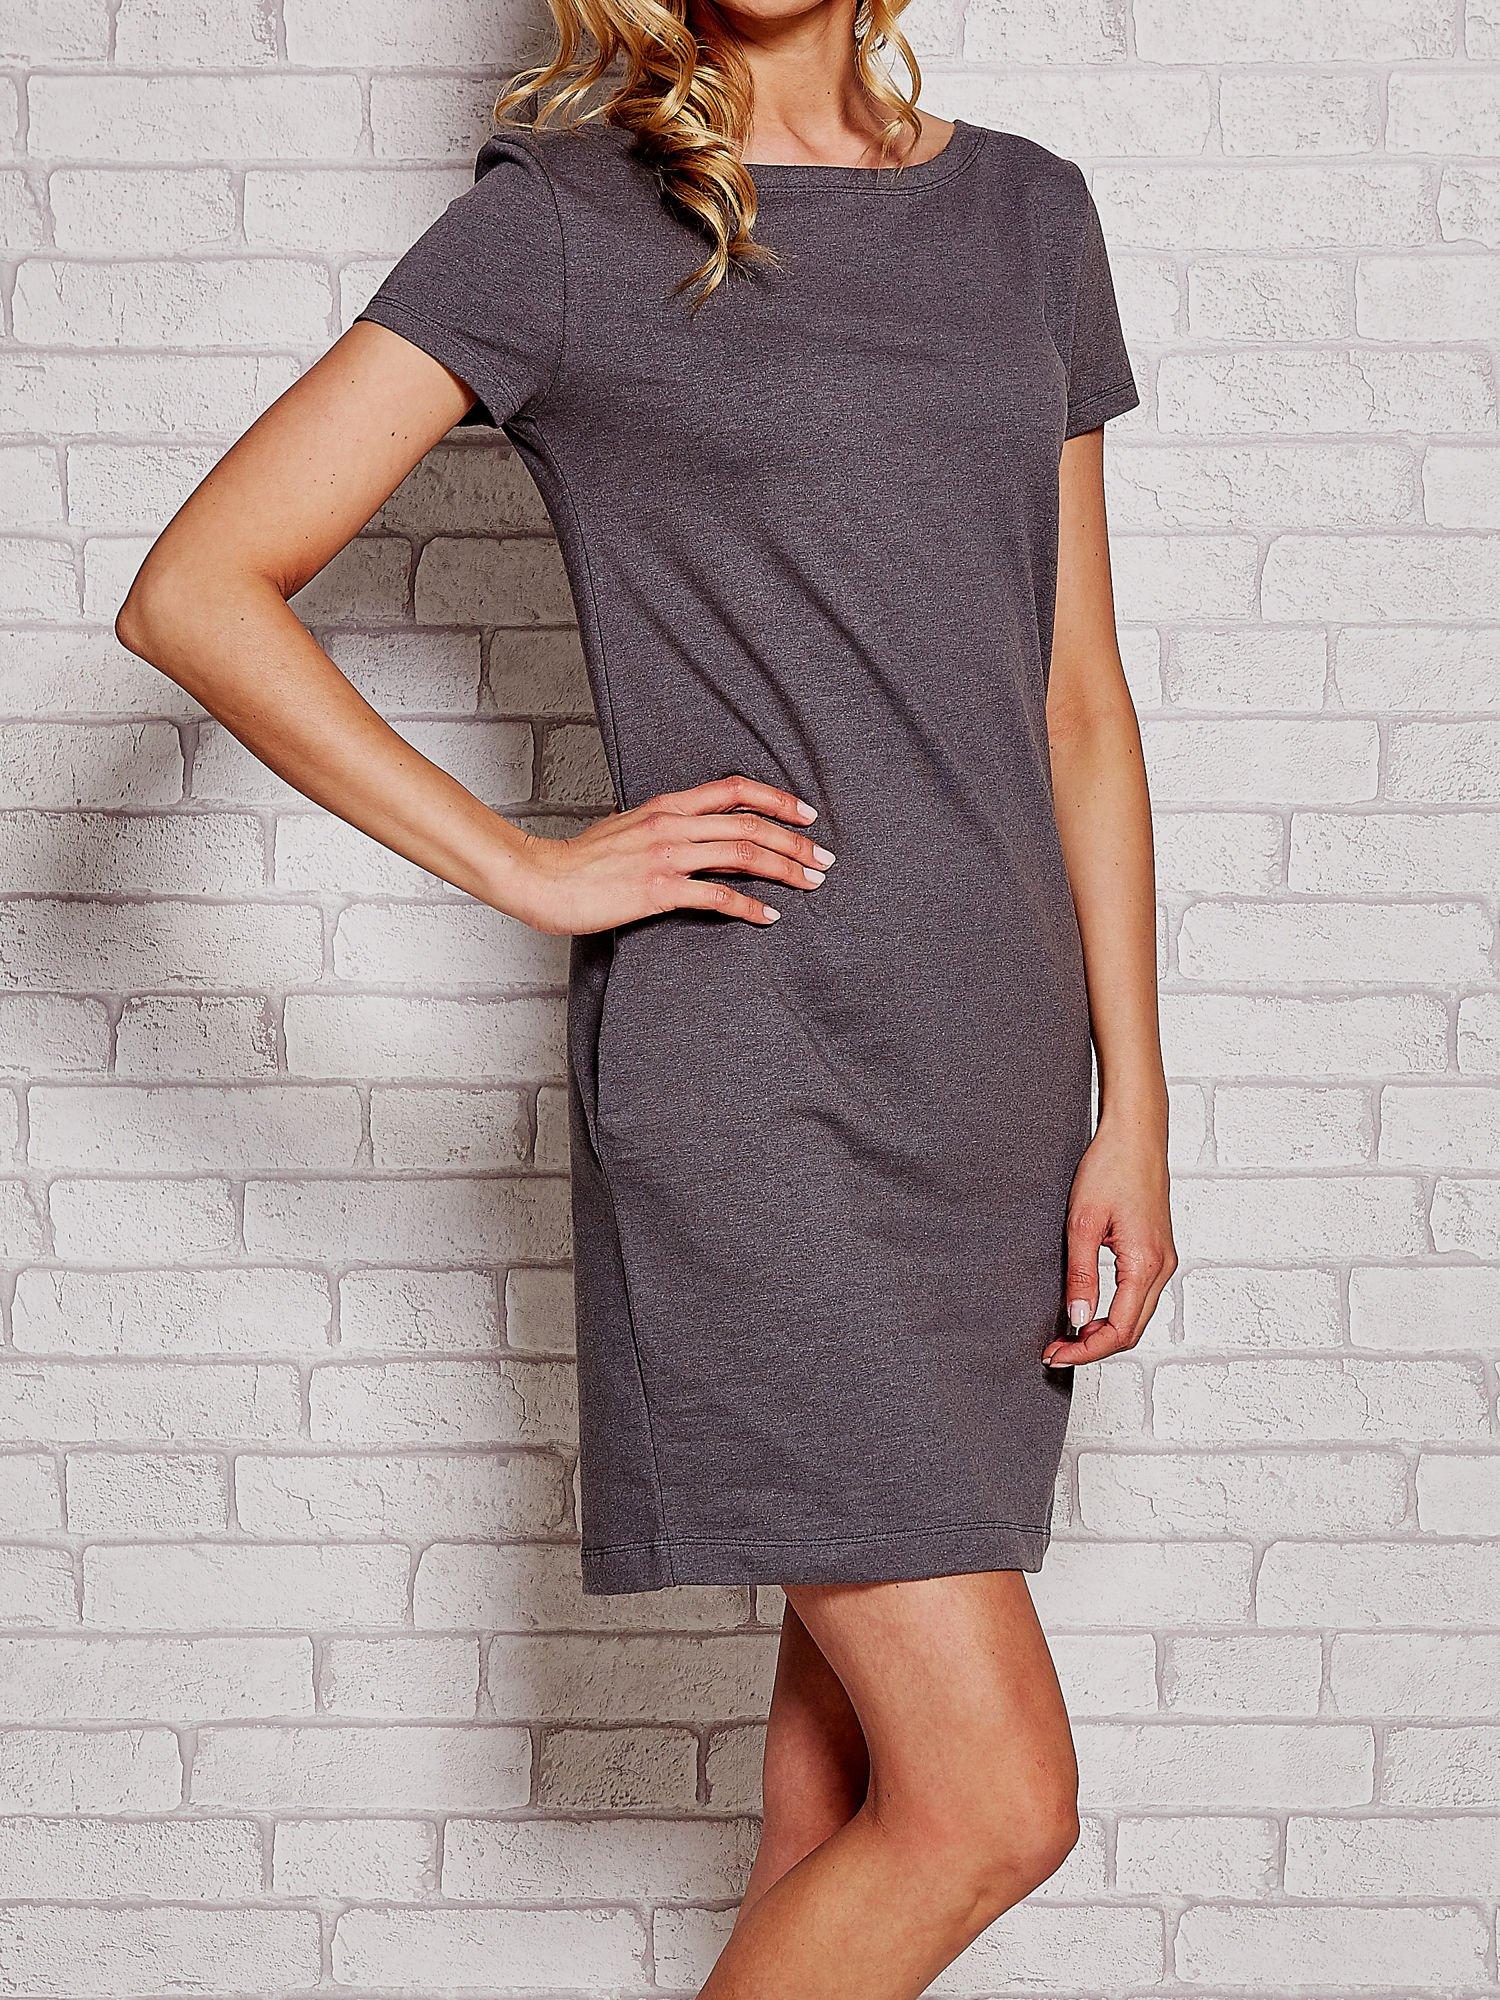 Szara sukienka dresowa z kieszeniami                                  zdj.                                  3